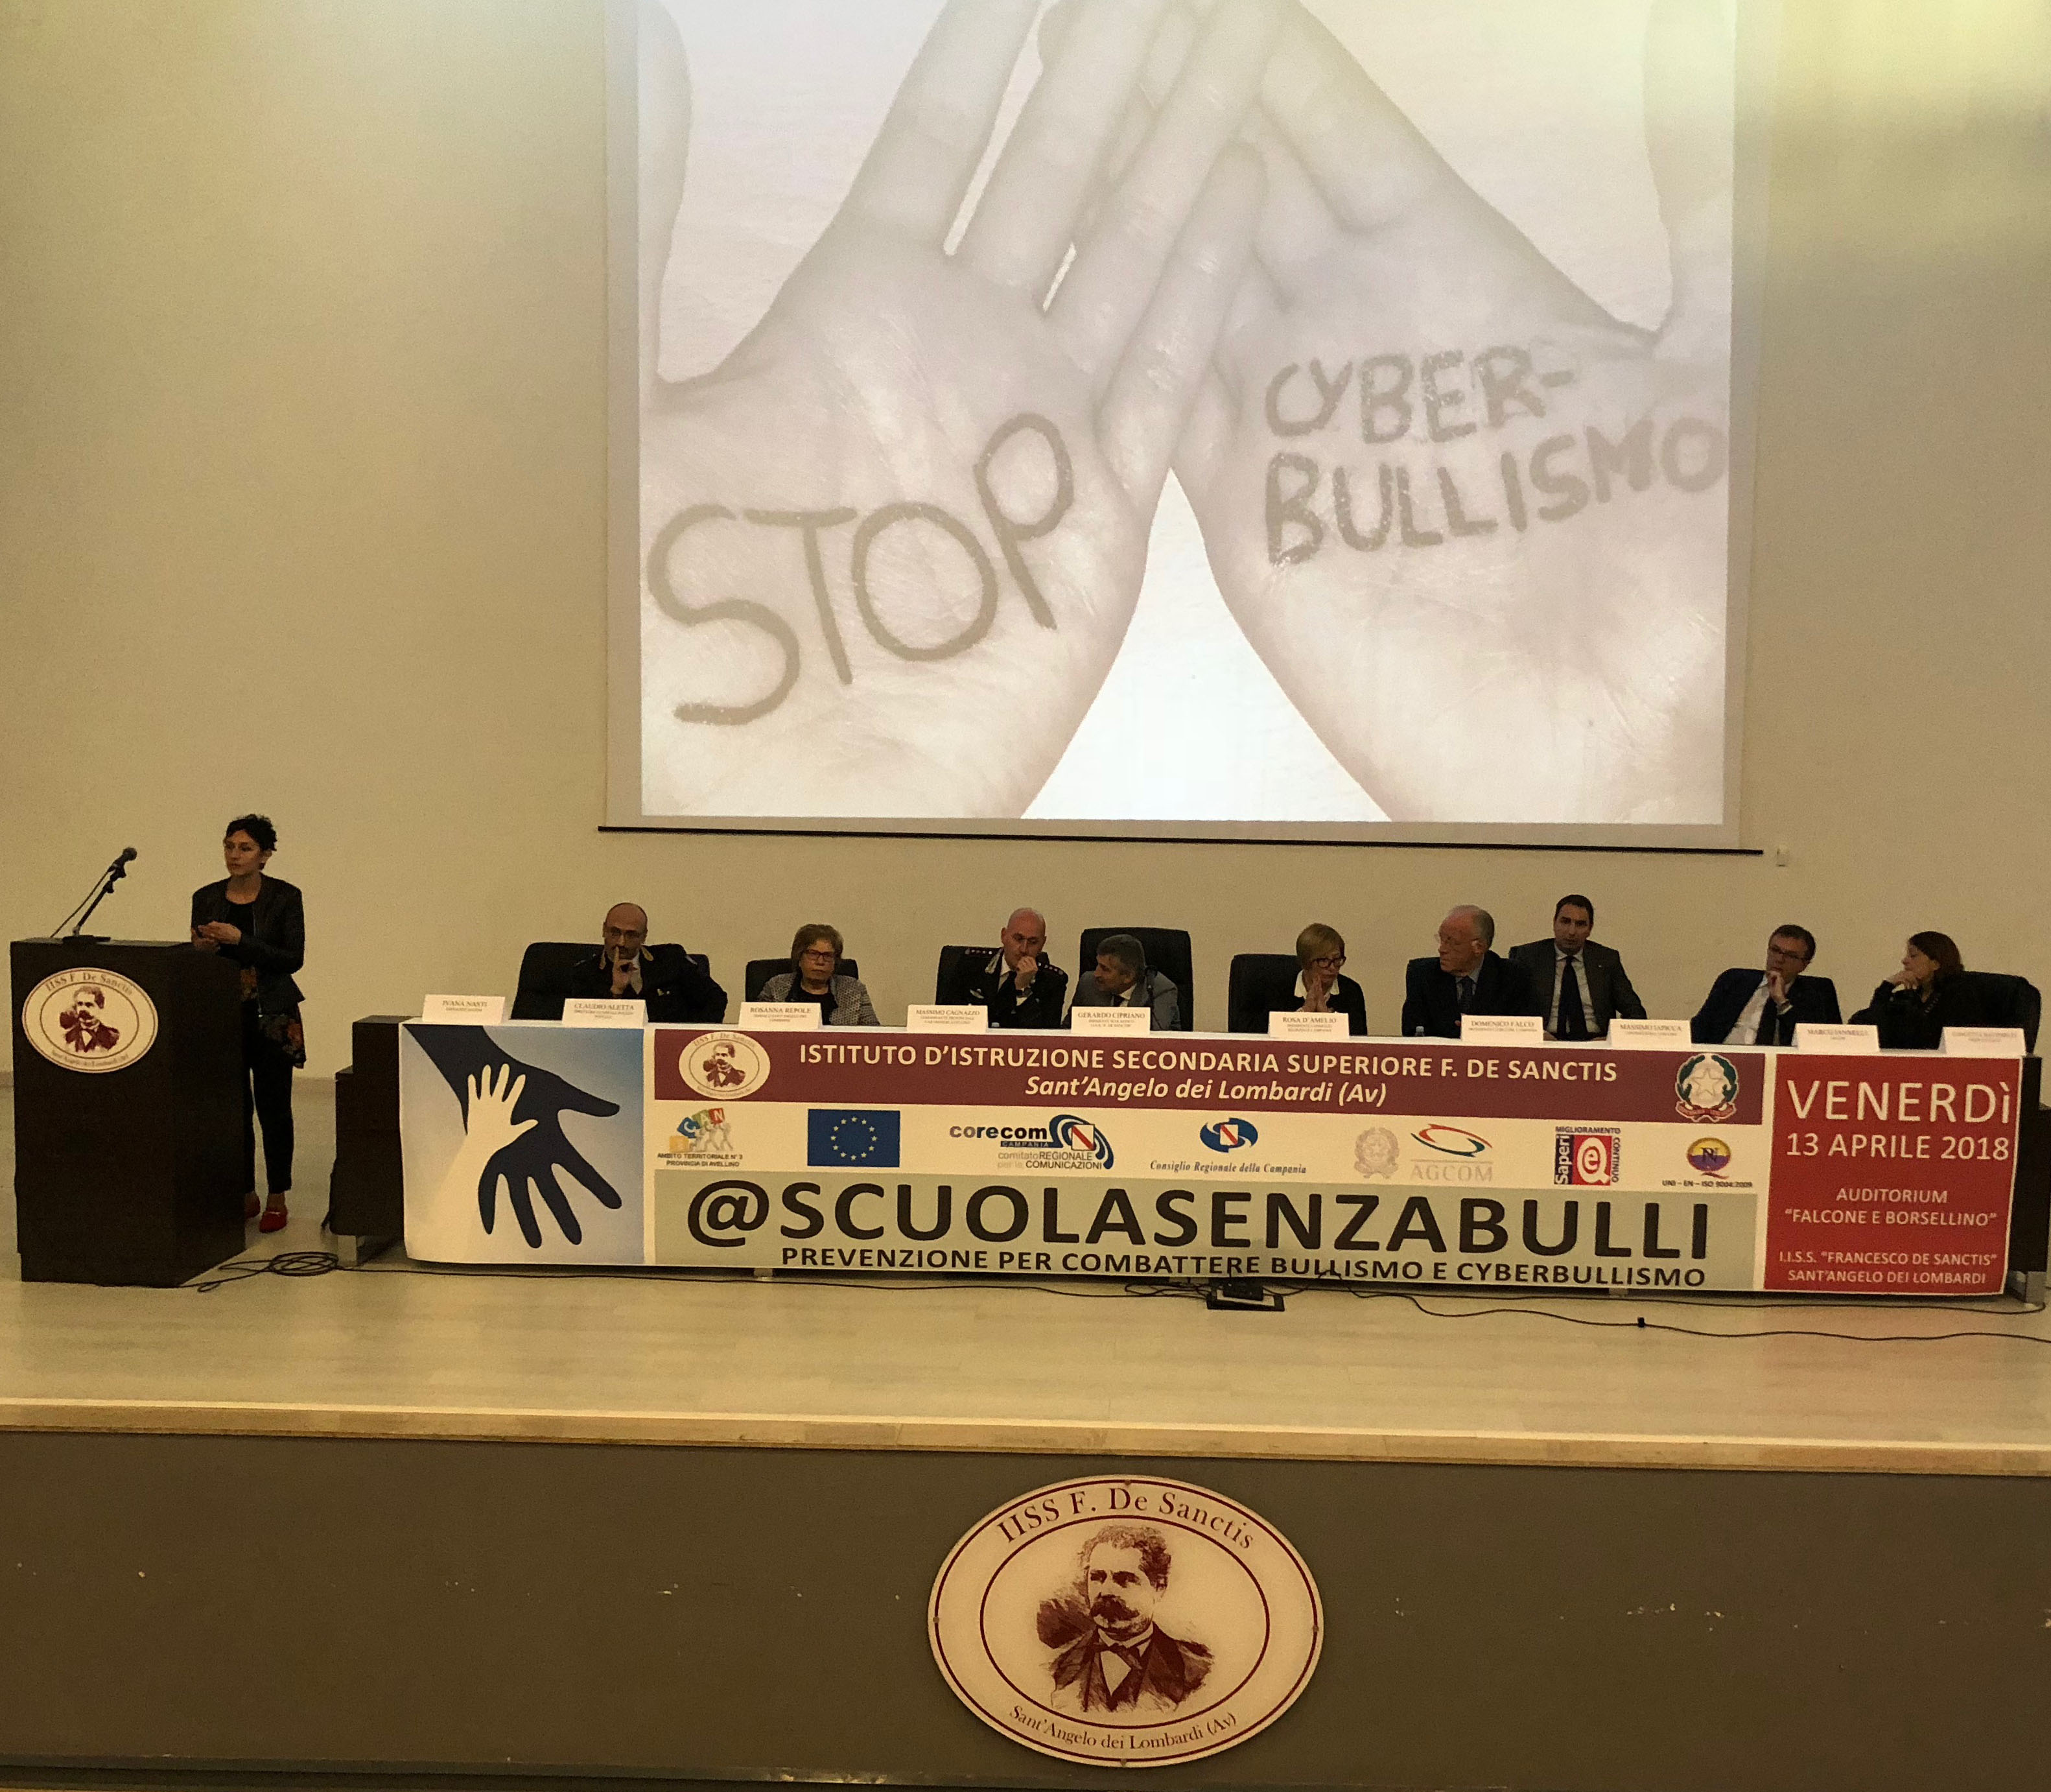 A Sant'Angelo dei Lombardi la prima tappa di @scuolasenzabulli promossa dal Corecom Campania